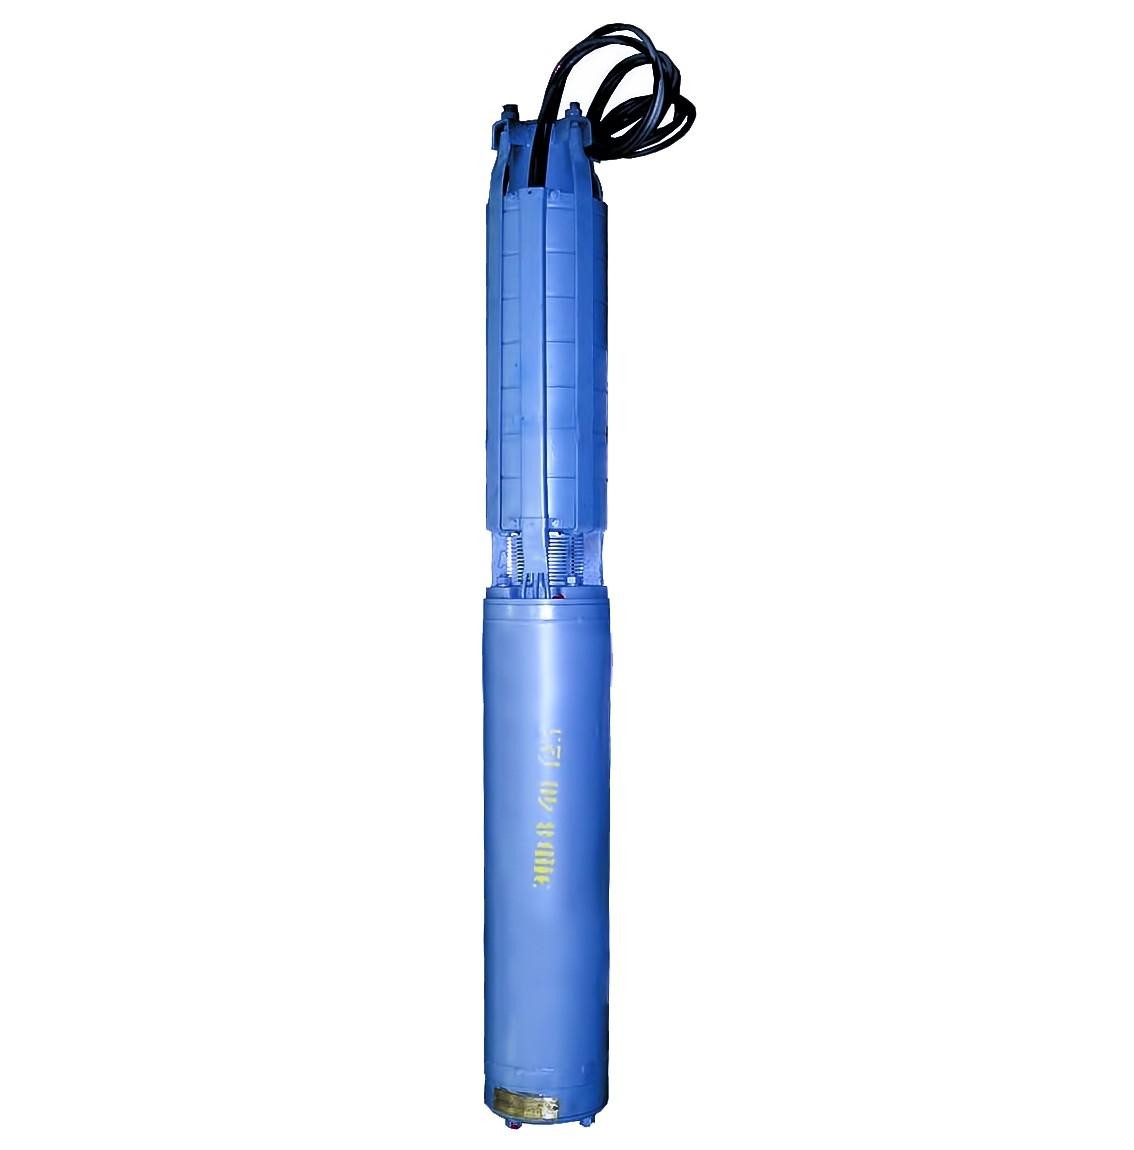 Погружной насос ЭЦВ 12-200-105 нро